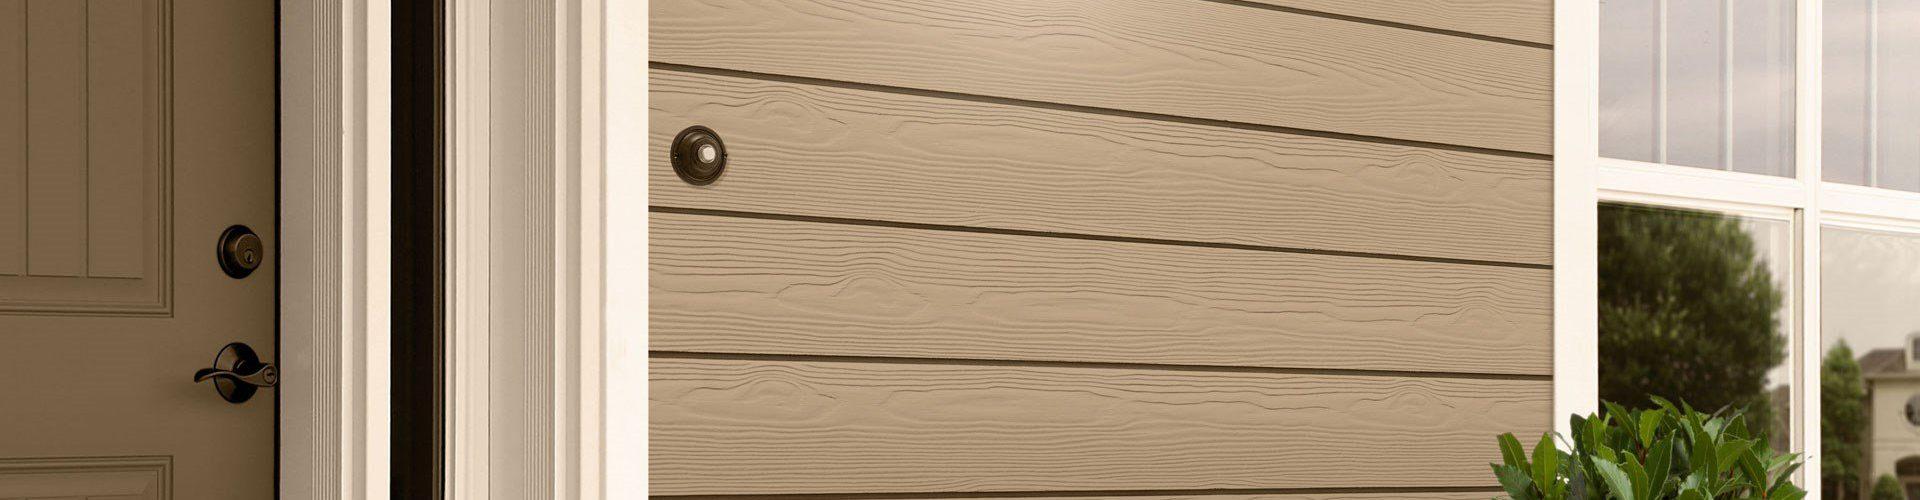 Cedral Click C11 Maakollane - kiudtsement voodrilaud - puitu immiteeriv